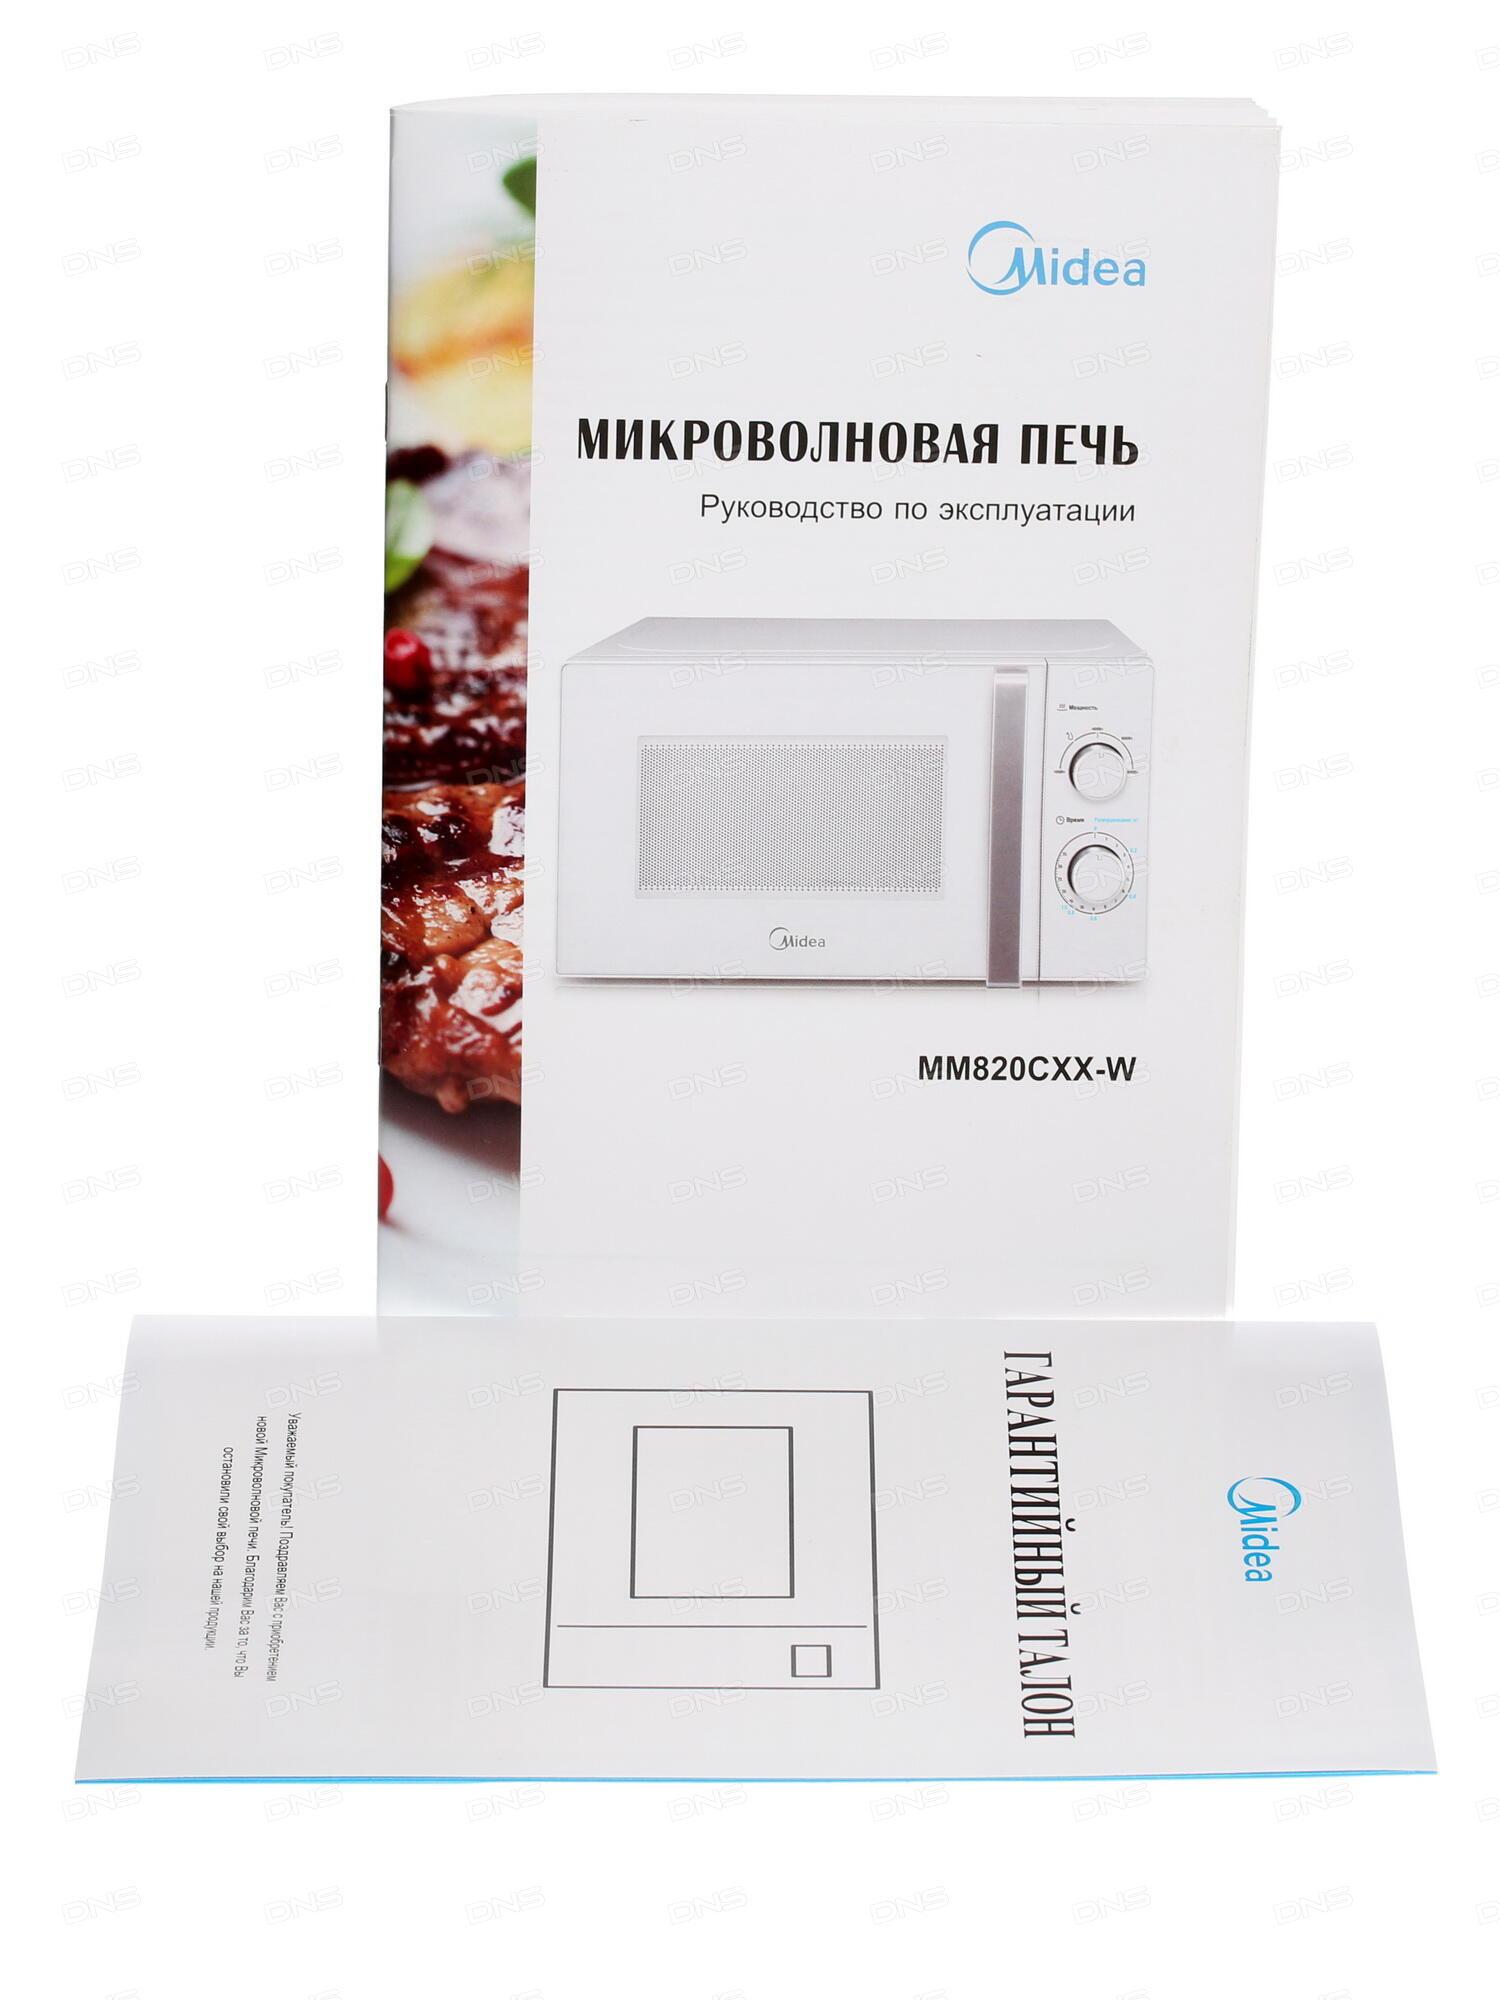 Микроволновая печь MIDEA MM720CMF